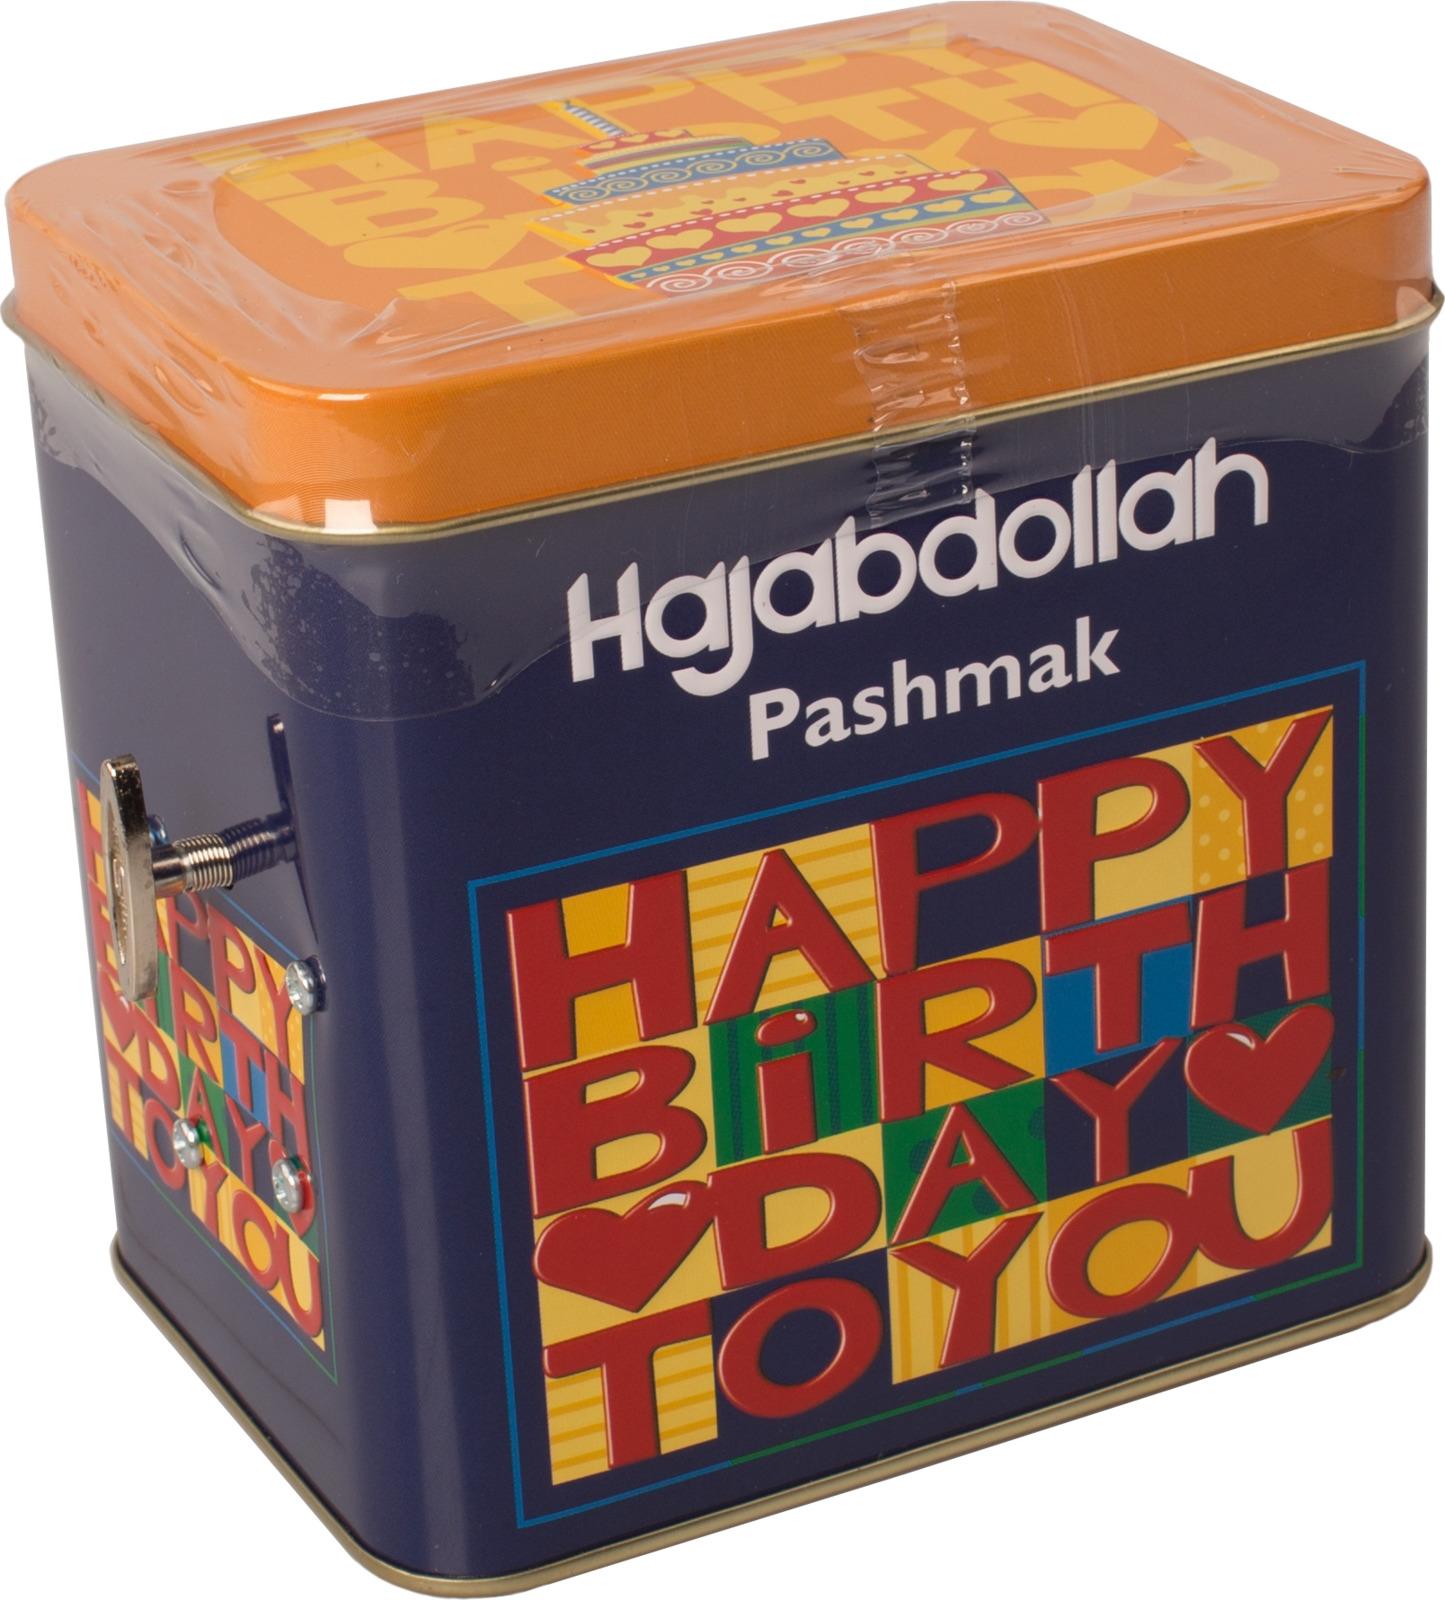 Конфеты из пашмалы Hajabdollah С Днем Рождения ассорти со вкусом апельсина, дыни и клубники во фруктовой глазури, 200 г коммунарка цитрон топ глазированная помадка со вкусом лимона конфеты 200 г